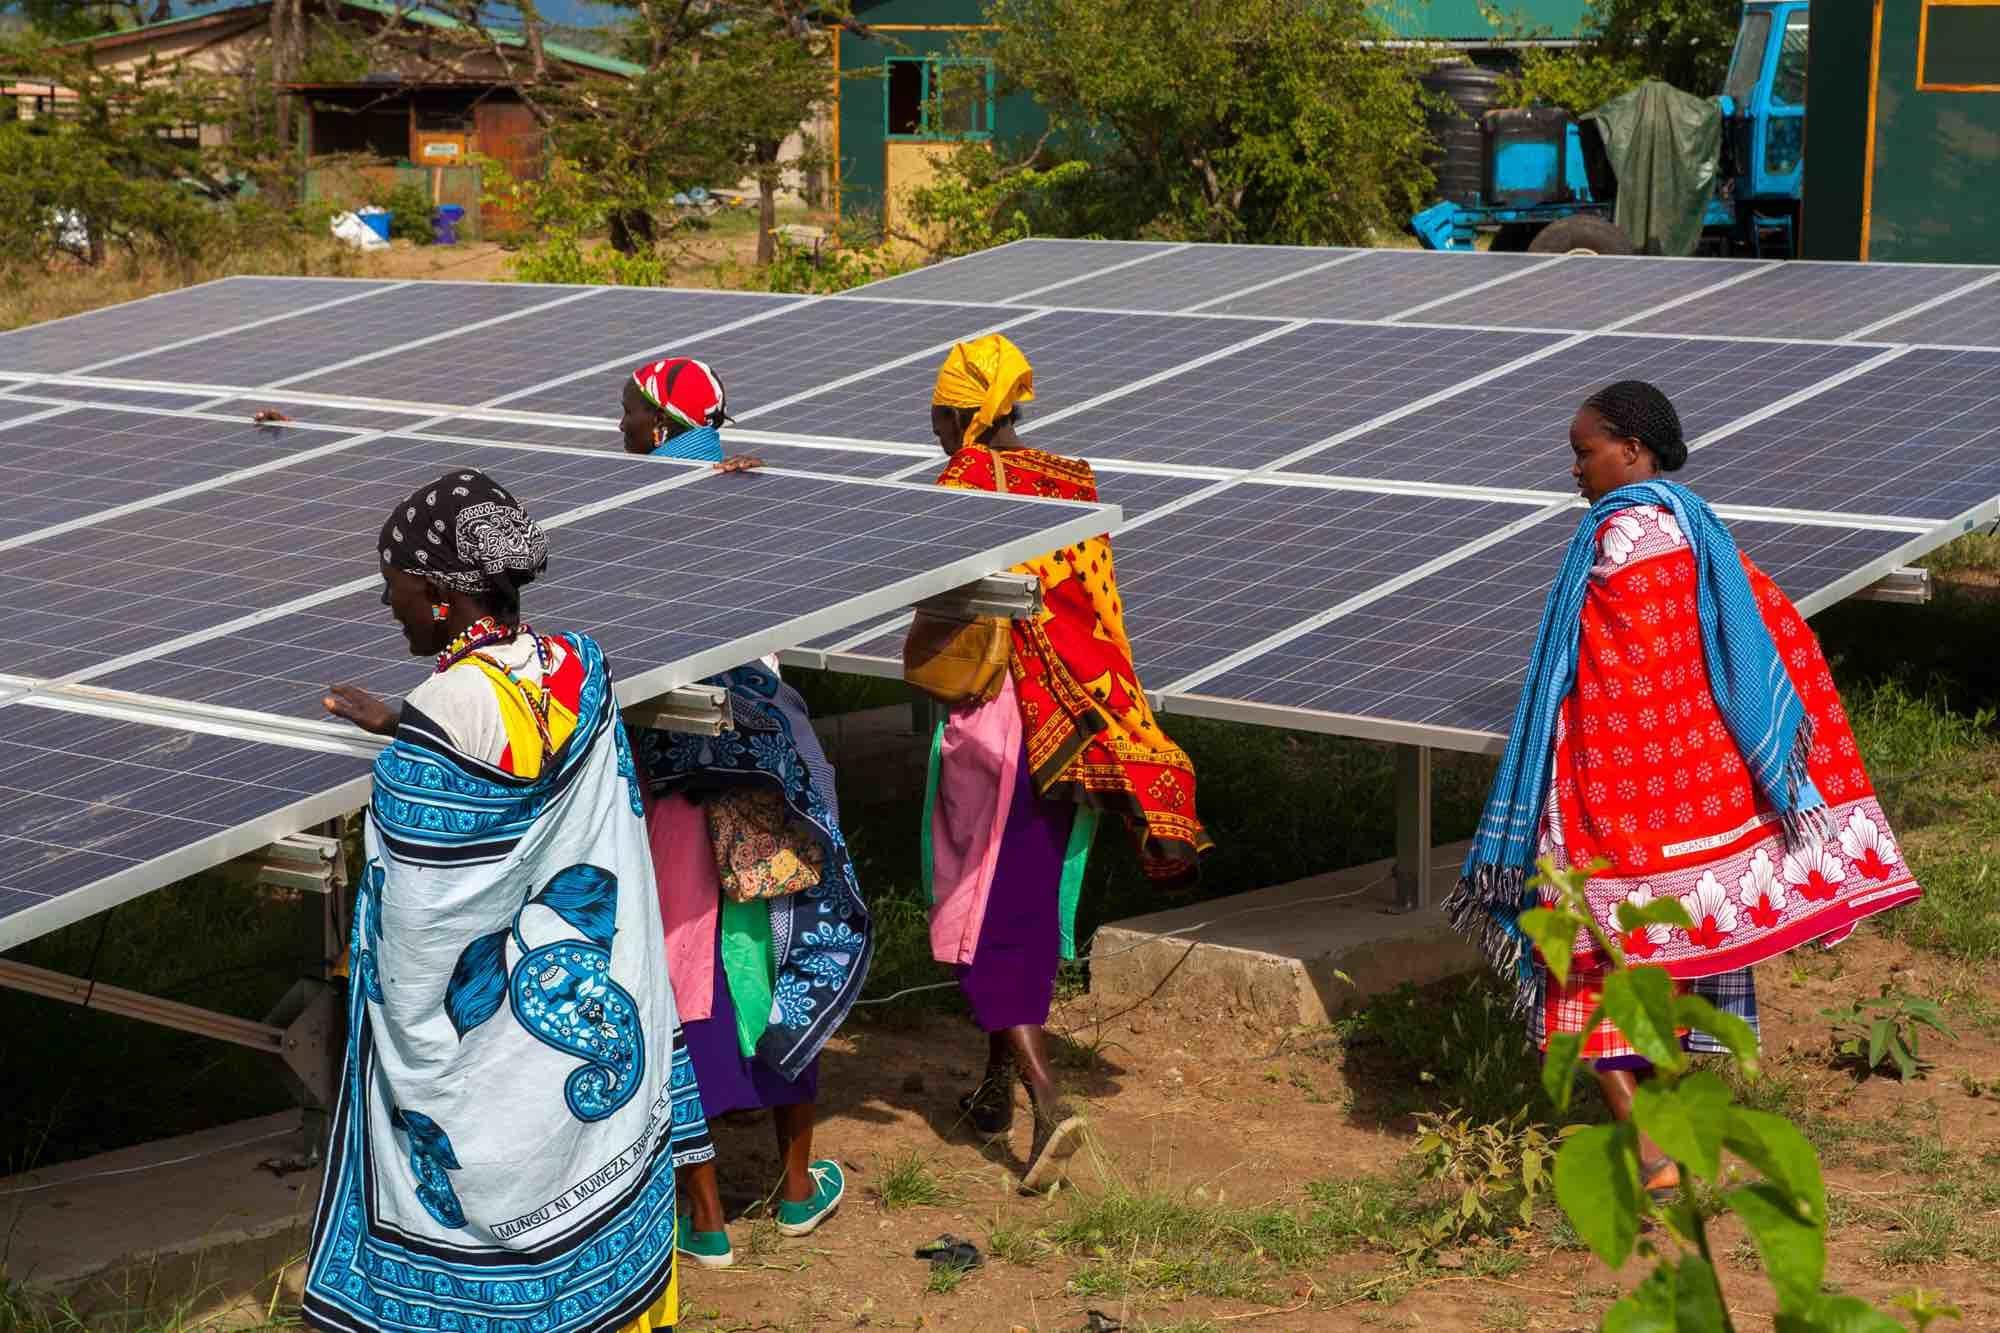 Renewable Energy, renewable energyinafrica2020, renewable energycompanies in africa, renewable energyprojects in Africa, renewable energy inafrica2021, grants forrenewable energyprojects inafrica2021, africa renewable energyfund, nonrenewableresources in Africa, africa renewable energyinitiative